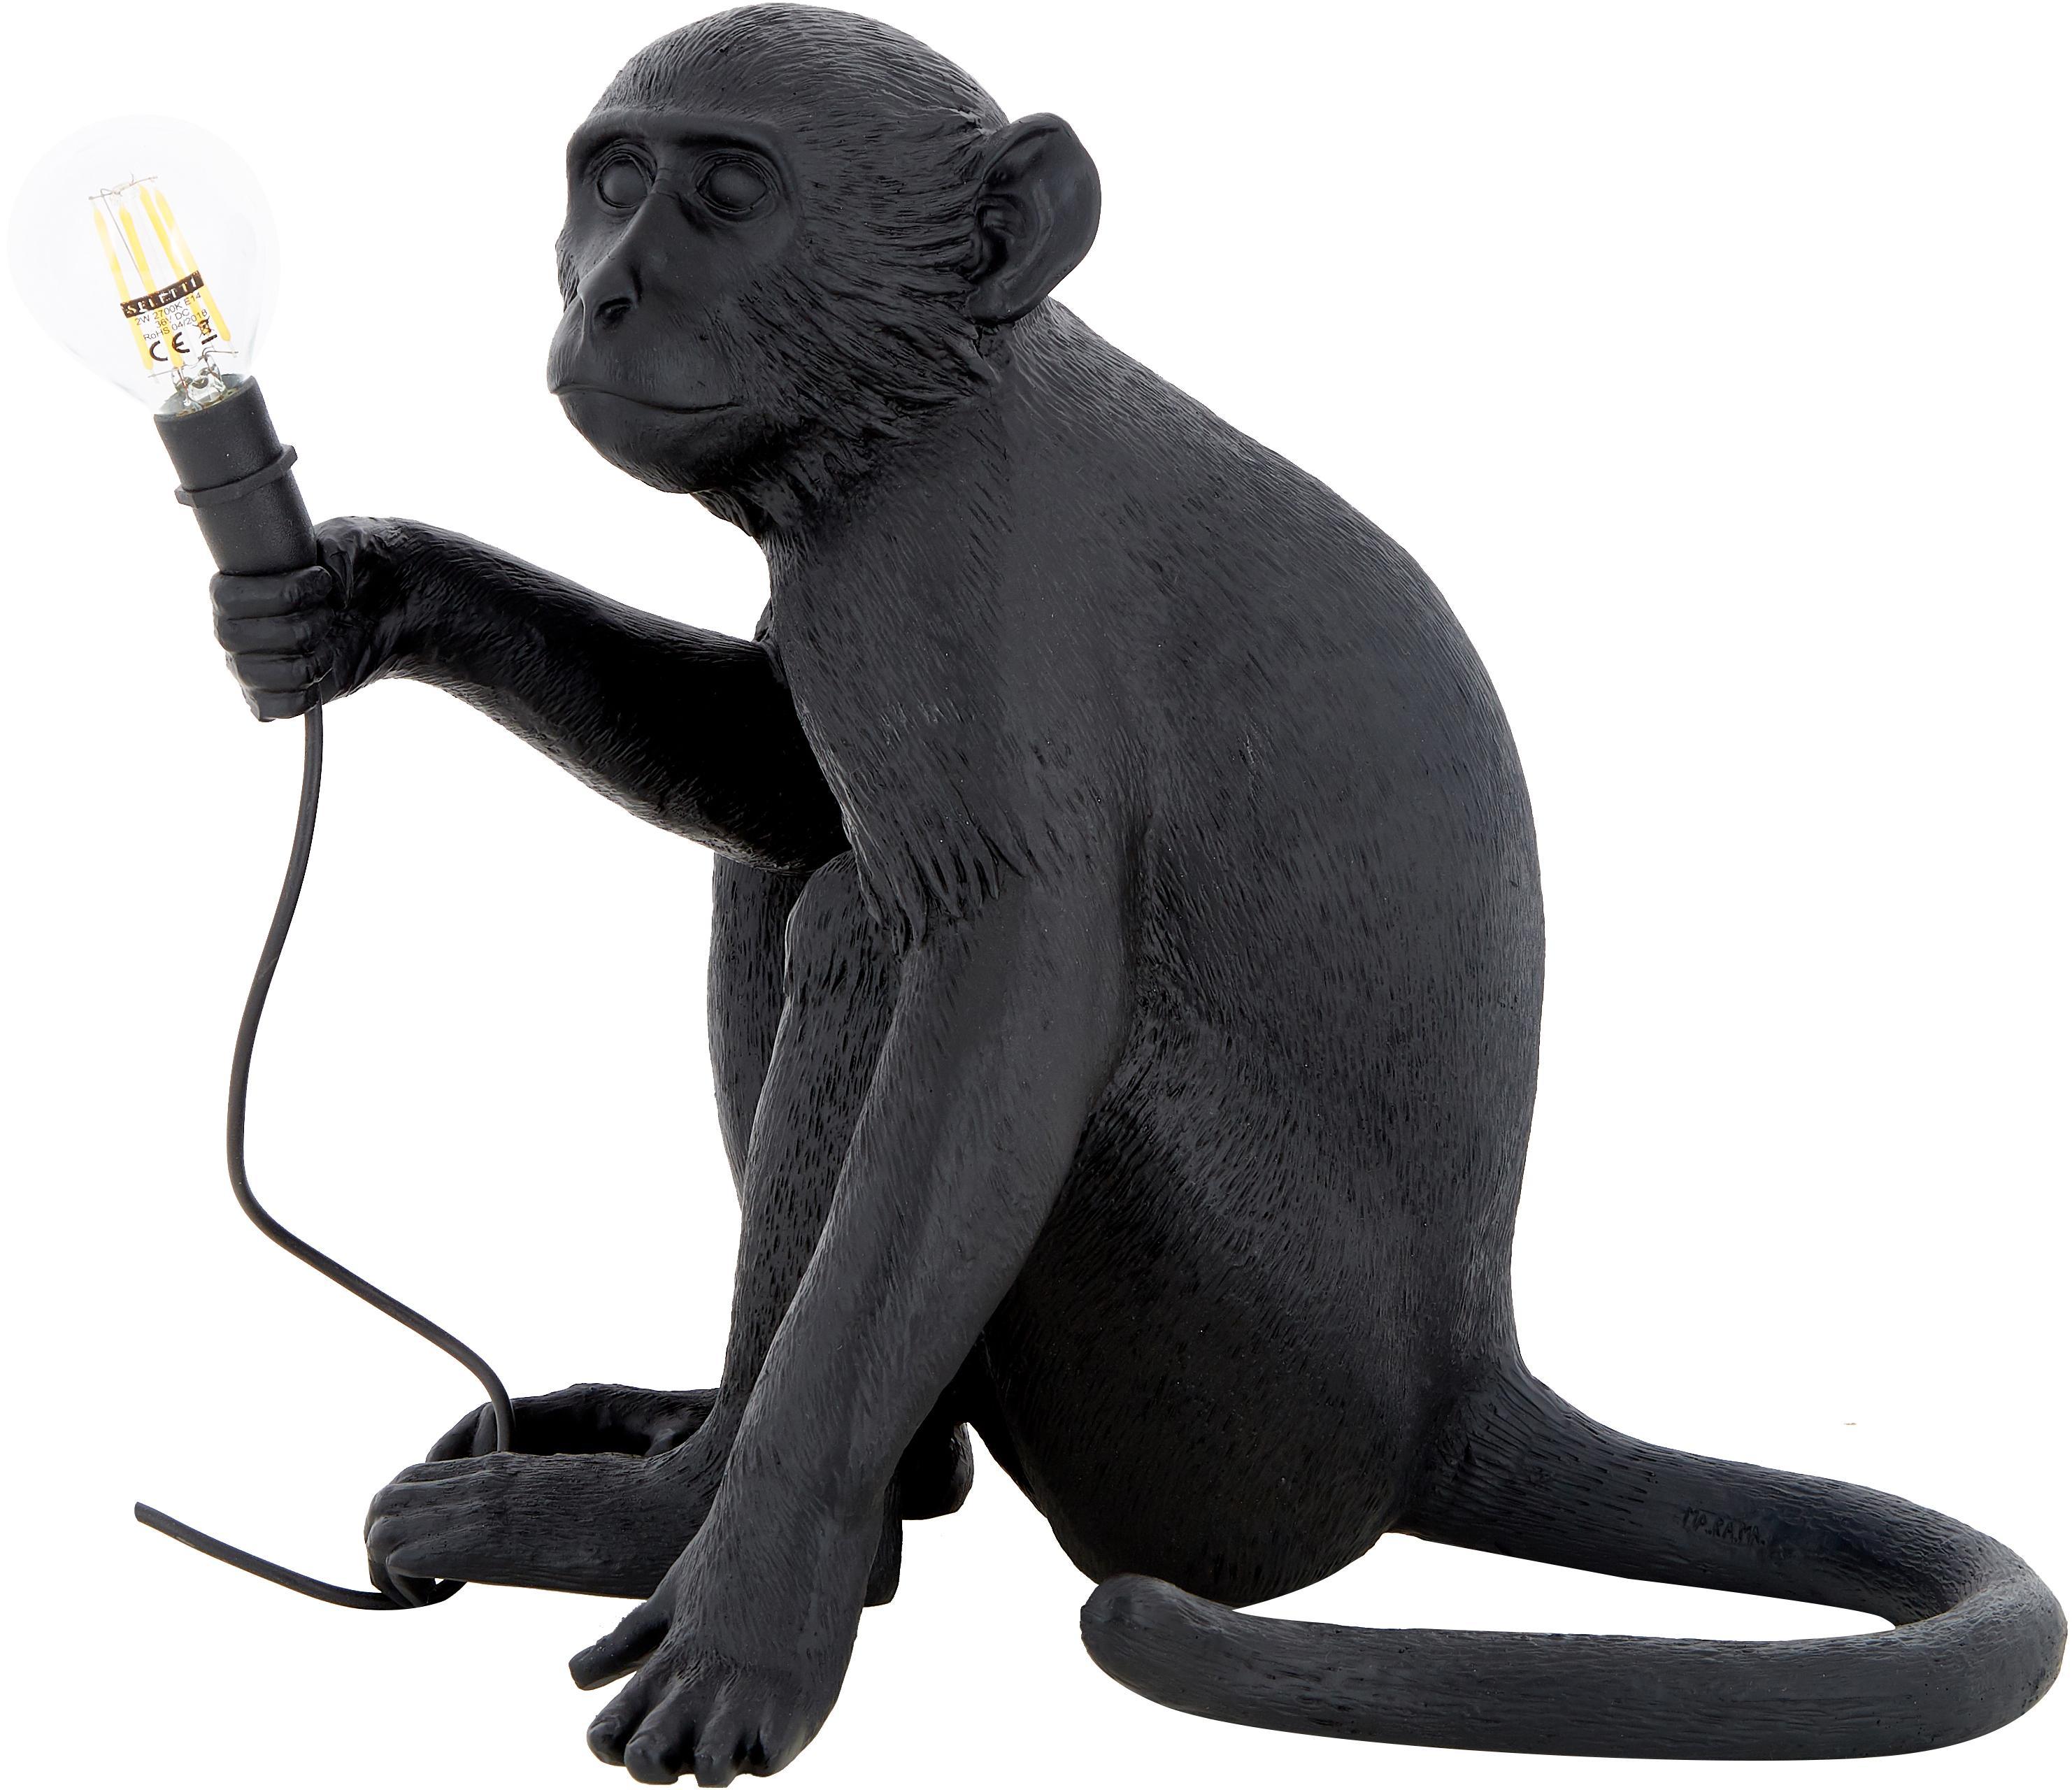 Zewnętrzna lampa stołowa LED Monkey, Żywica syntetyczna, Czarny, S 34 x W 32 cm